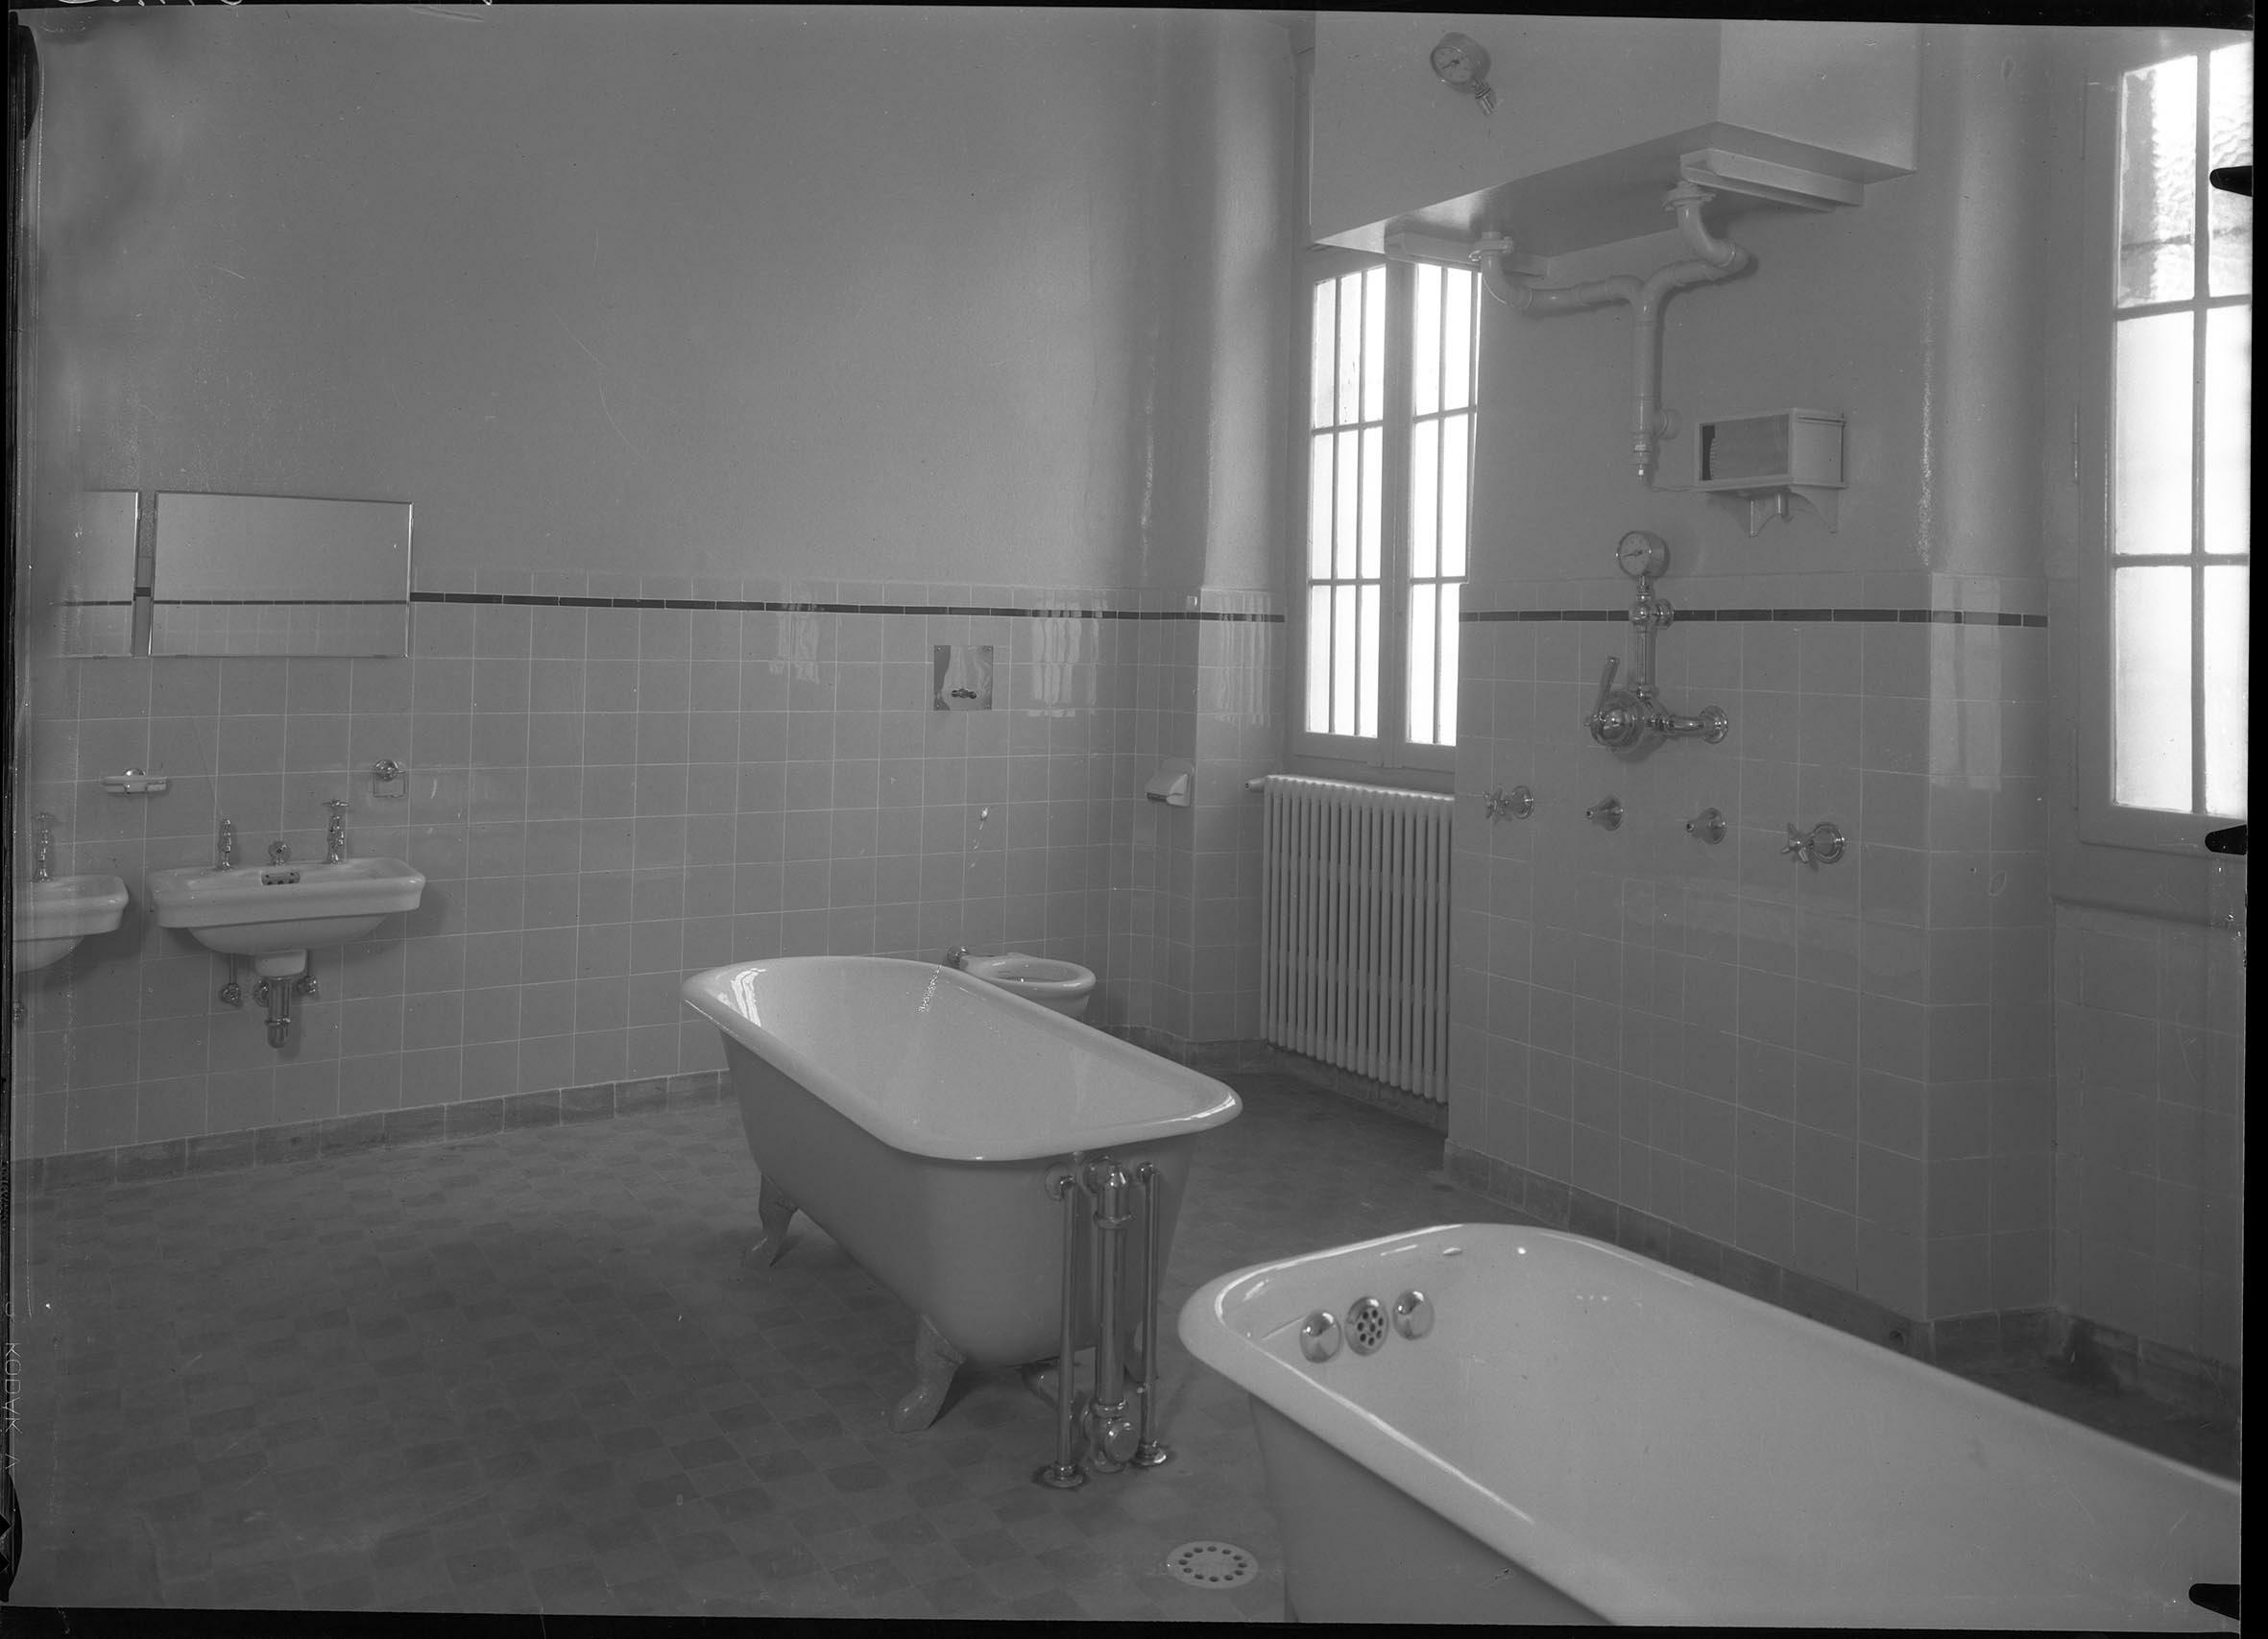 Thônex, clinique de Belle-Idée, alors asile de Bel-Air: salle de bains